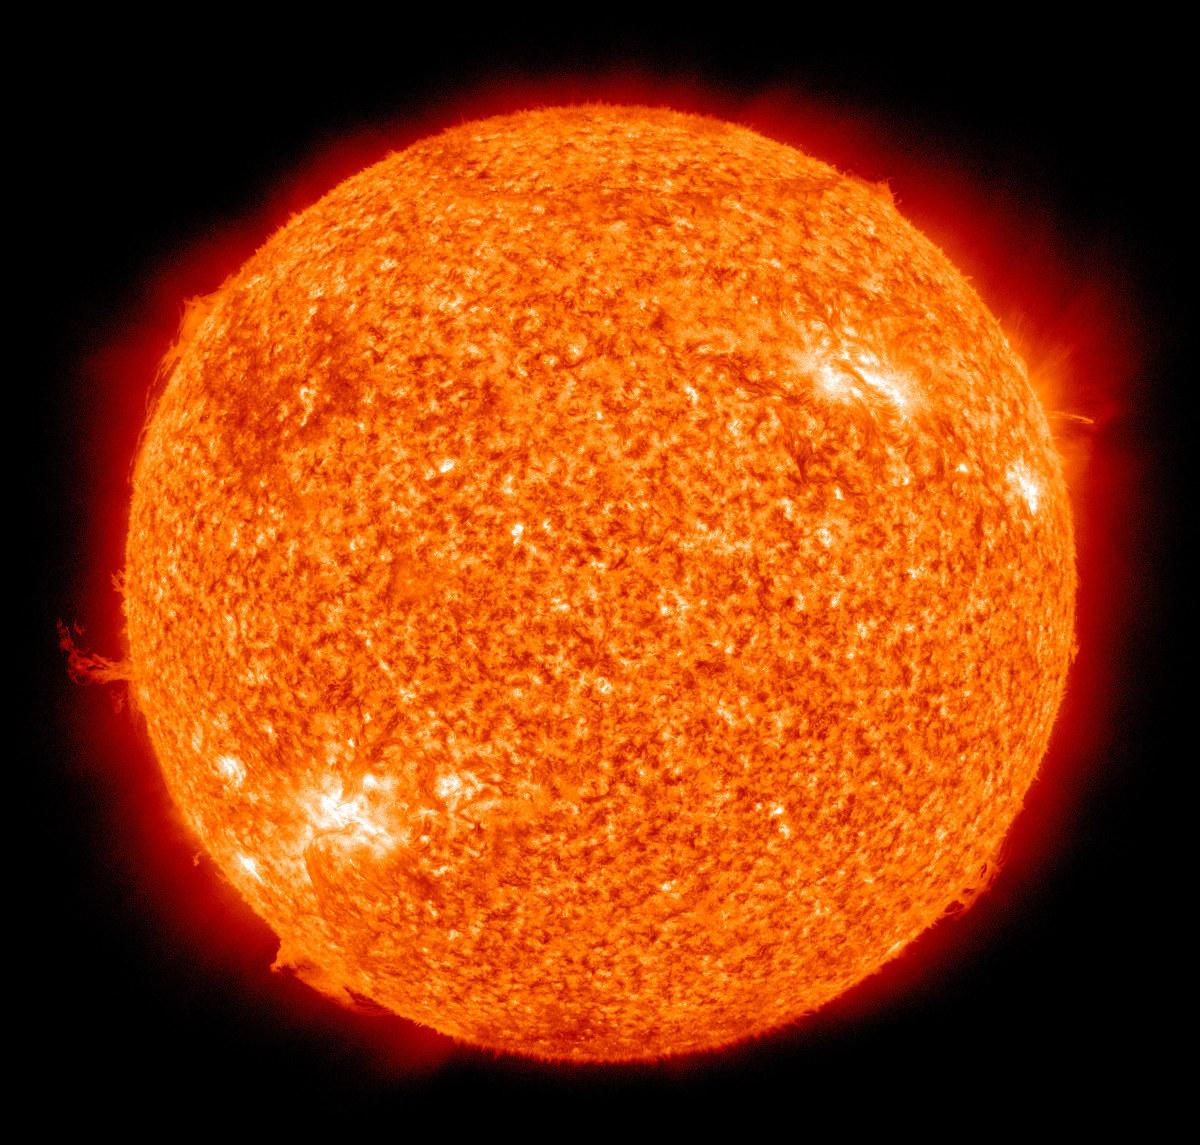 เลเซอร์กับการผลิตพลังงานจากปฏิกิริยาฟิวชัน (fusion)